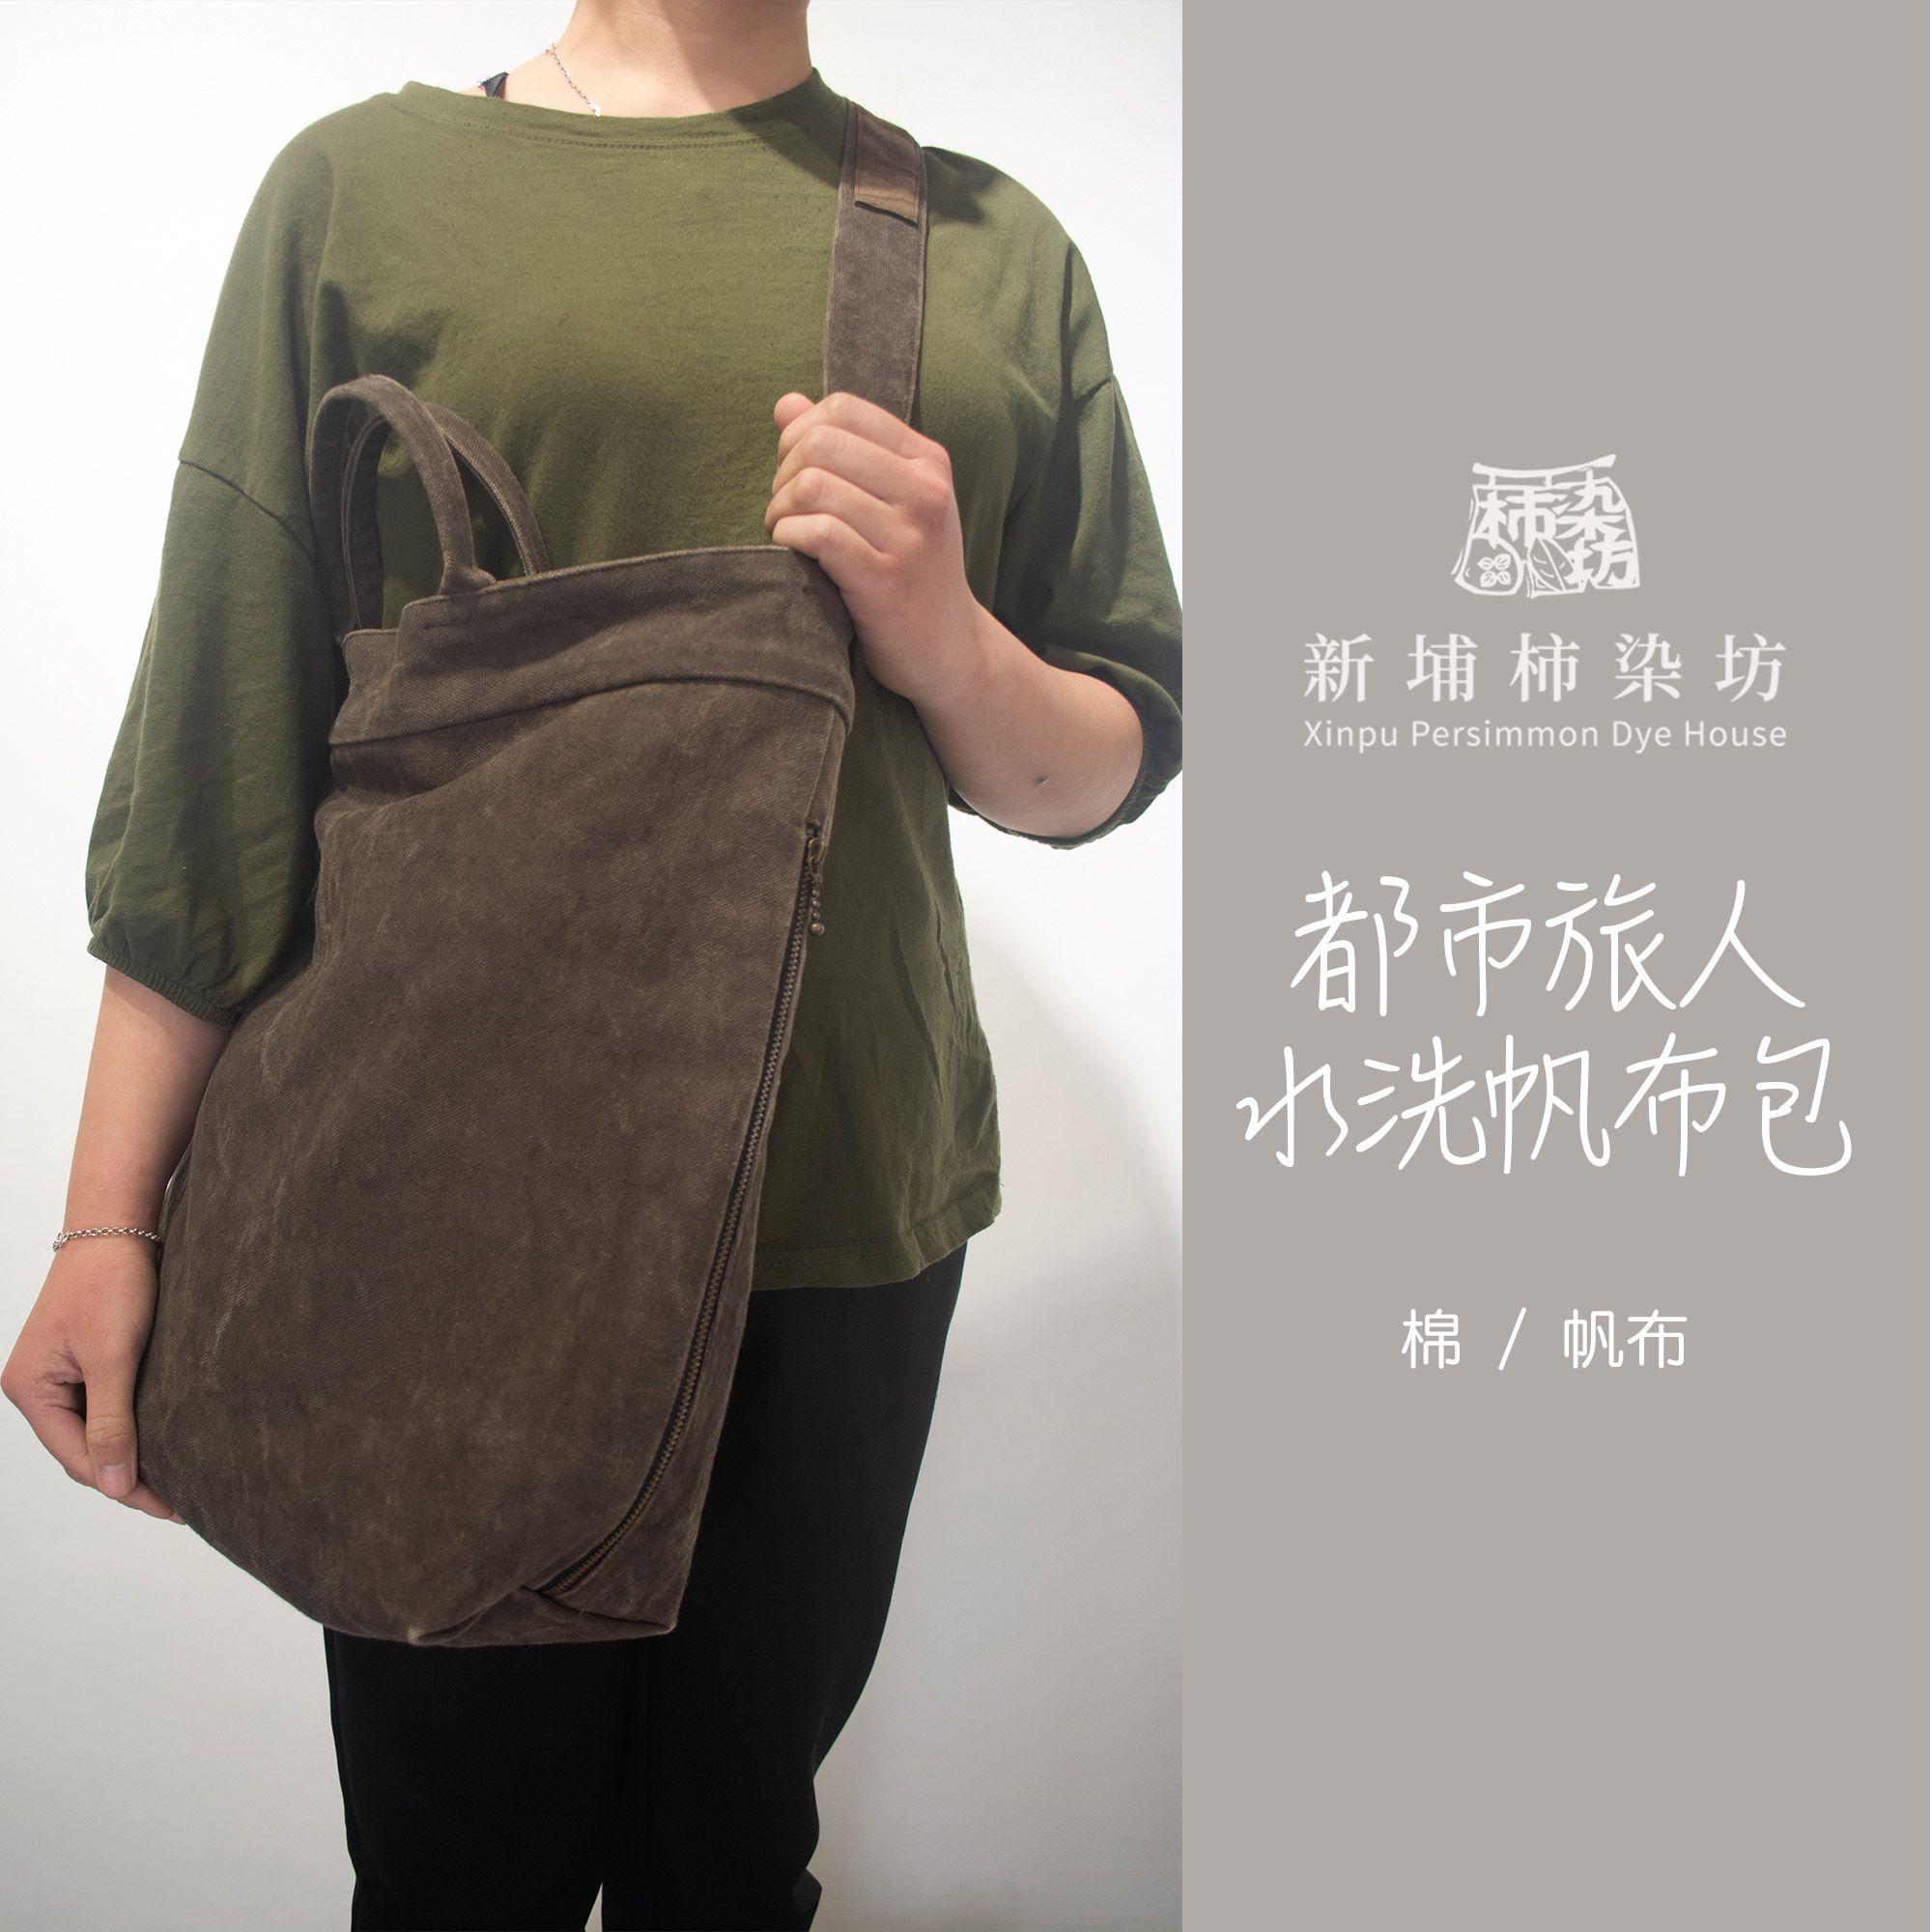 【新埔柿染坊】都市旅人 水洗帆布包,兼具肩背、斜背、手提的三用設計